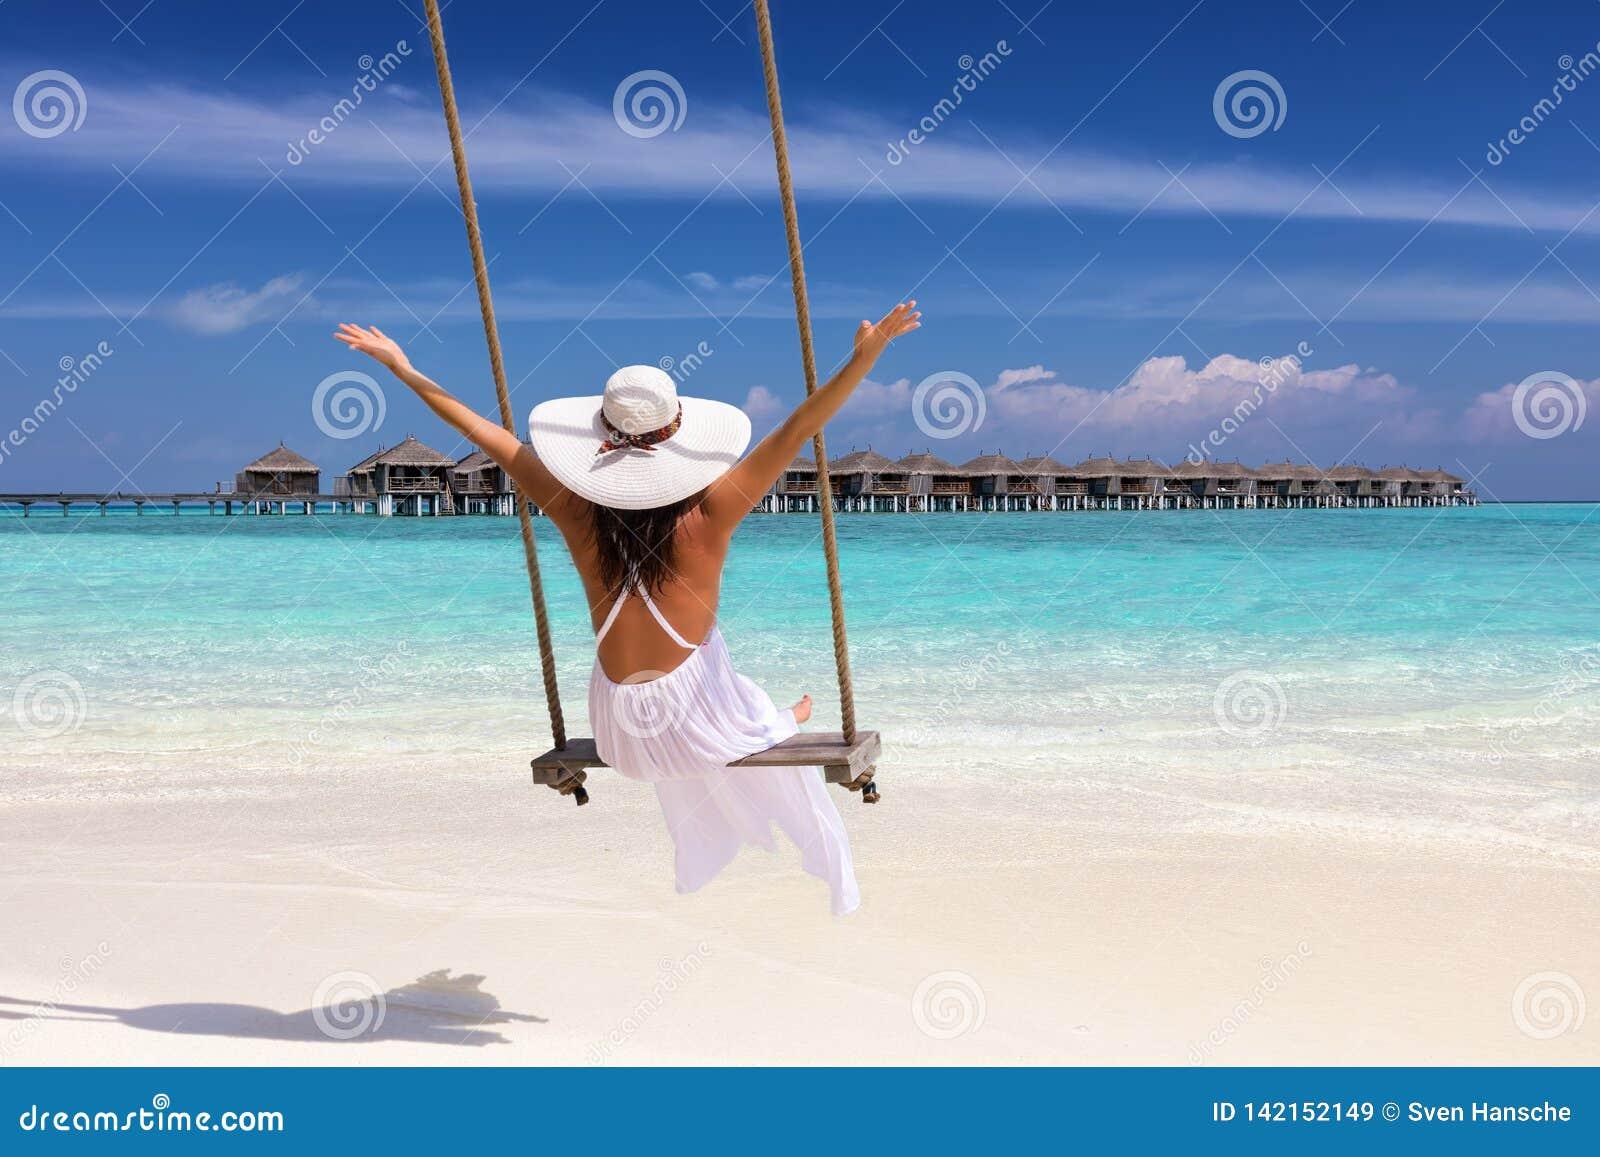 El viajero femenino en un oscilación disfruta de sus vacaciones de verano